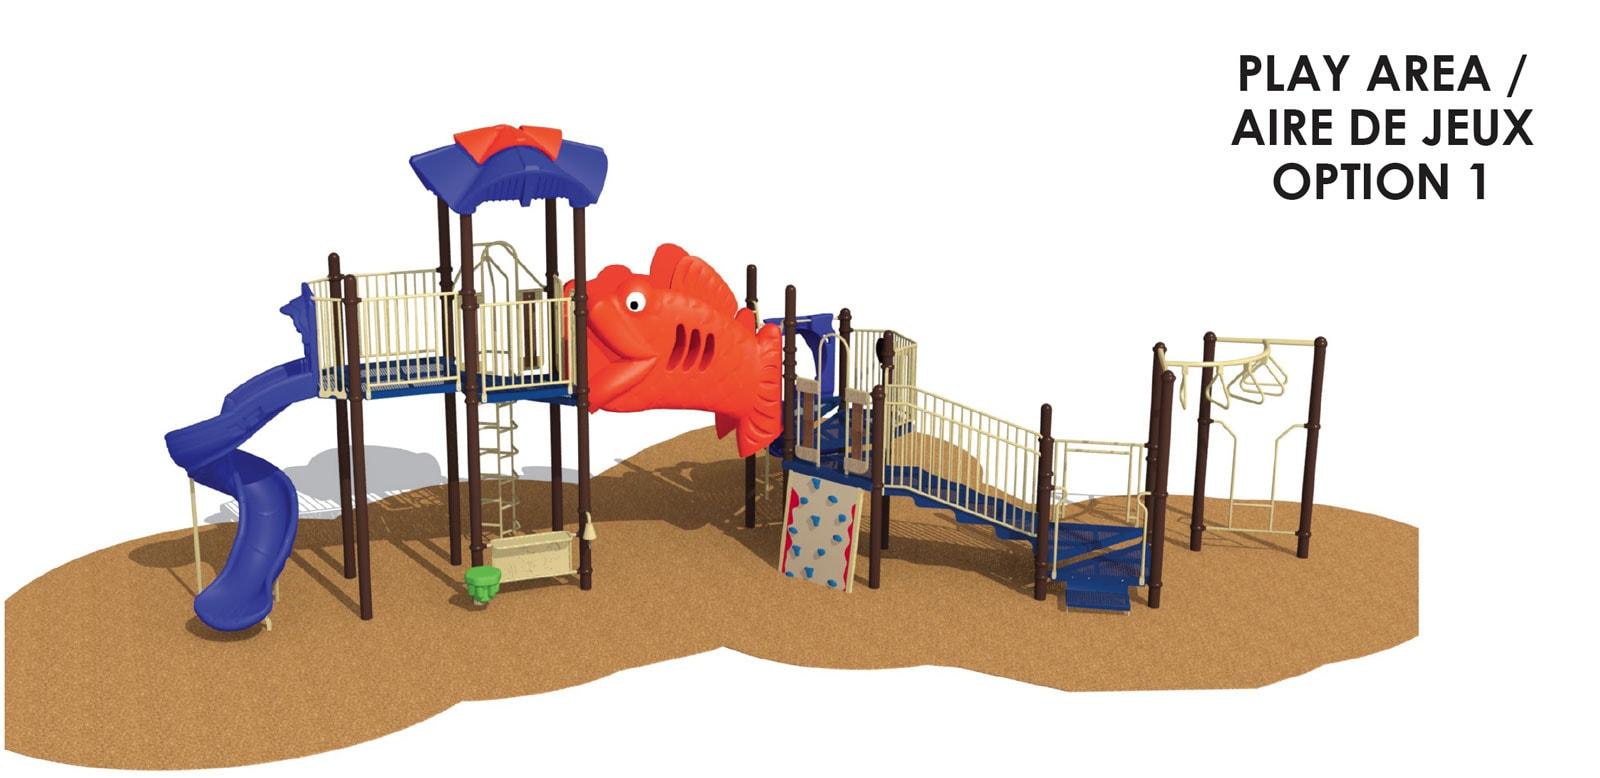 Atlas Park - Playground option 1